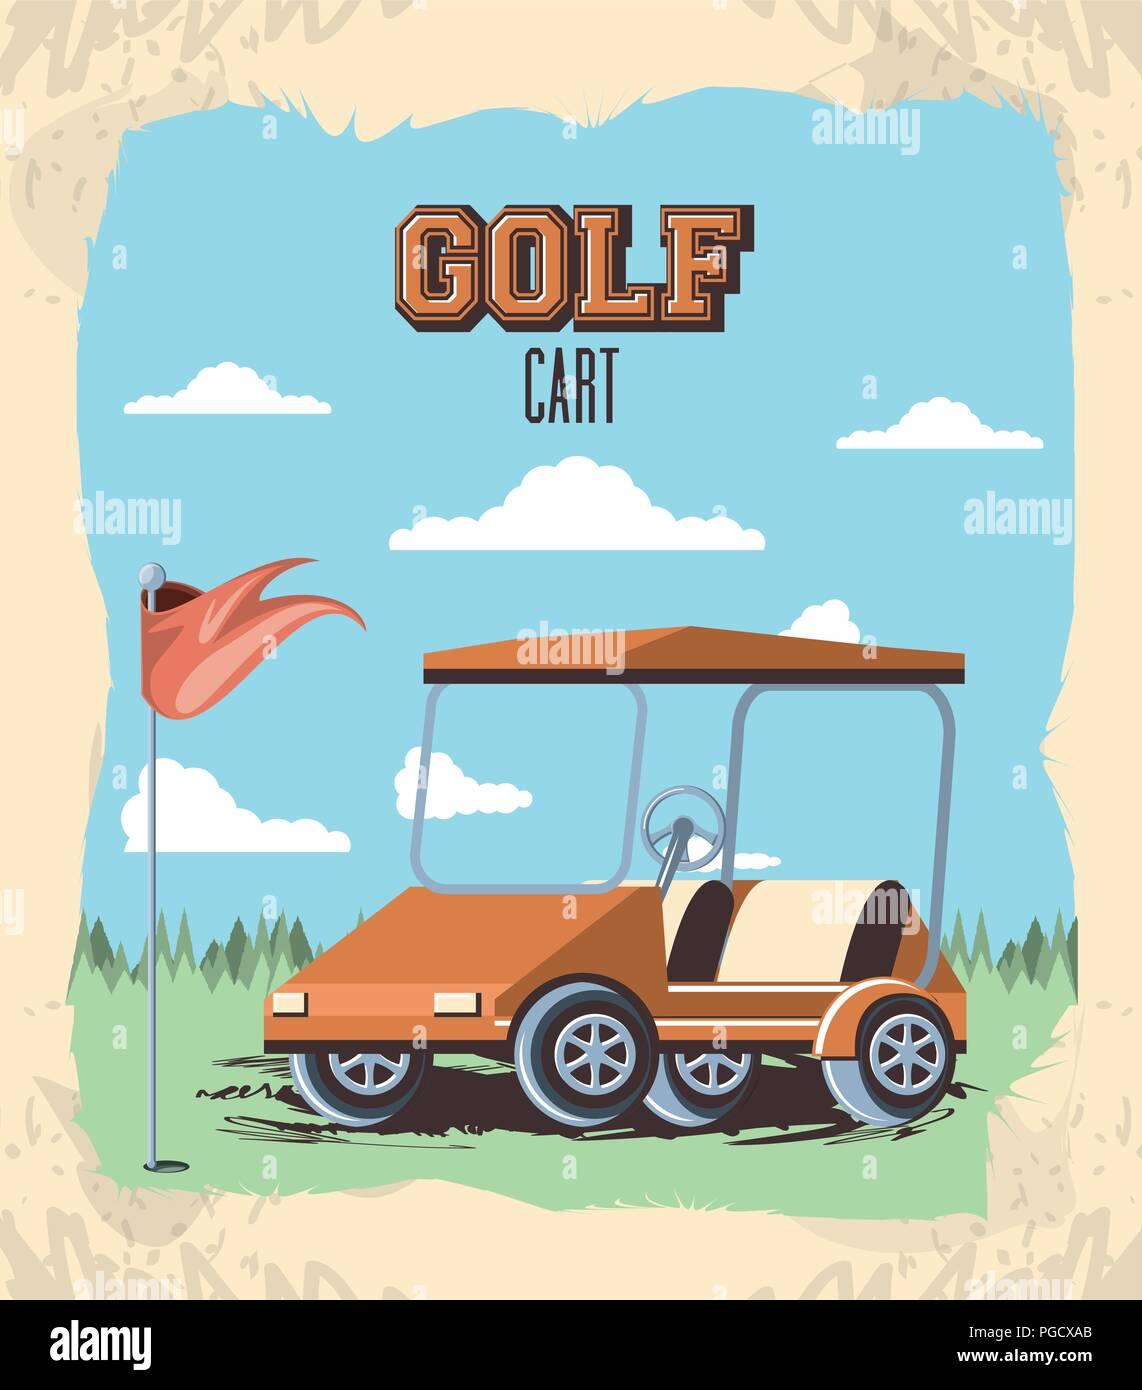 golf cart clip art.html